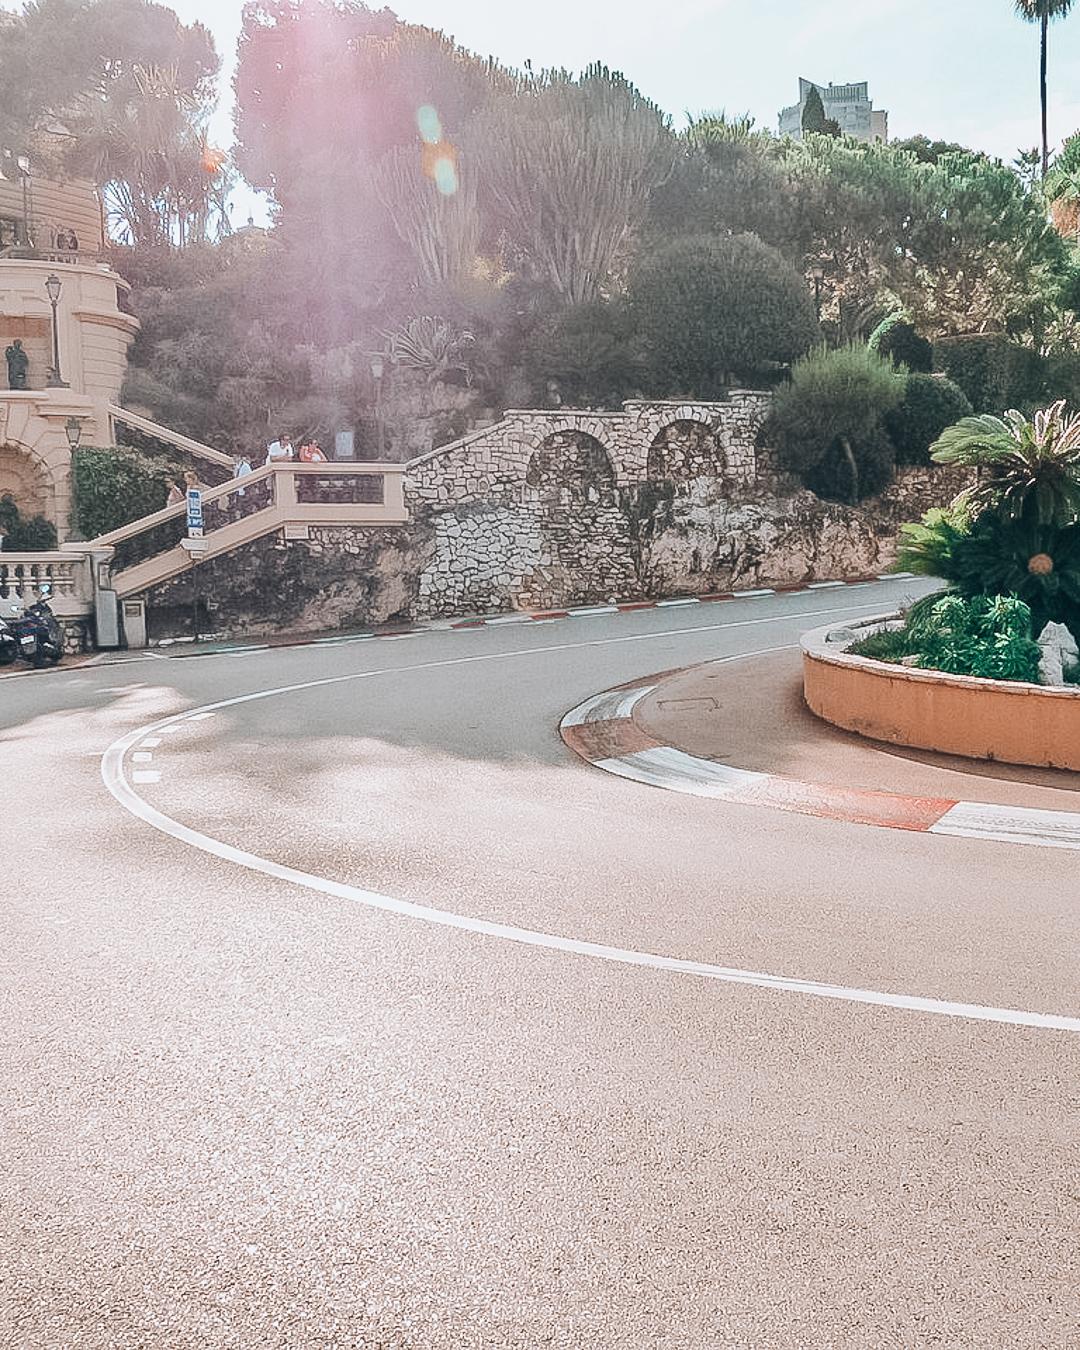 Road of Circuit the Monaco